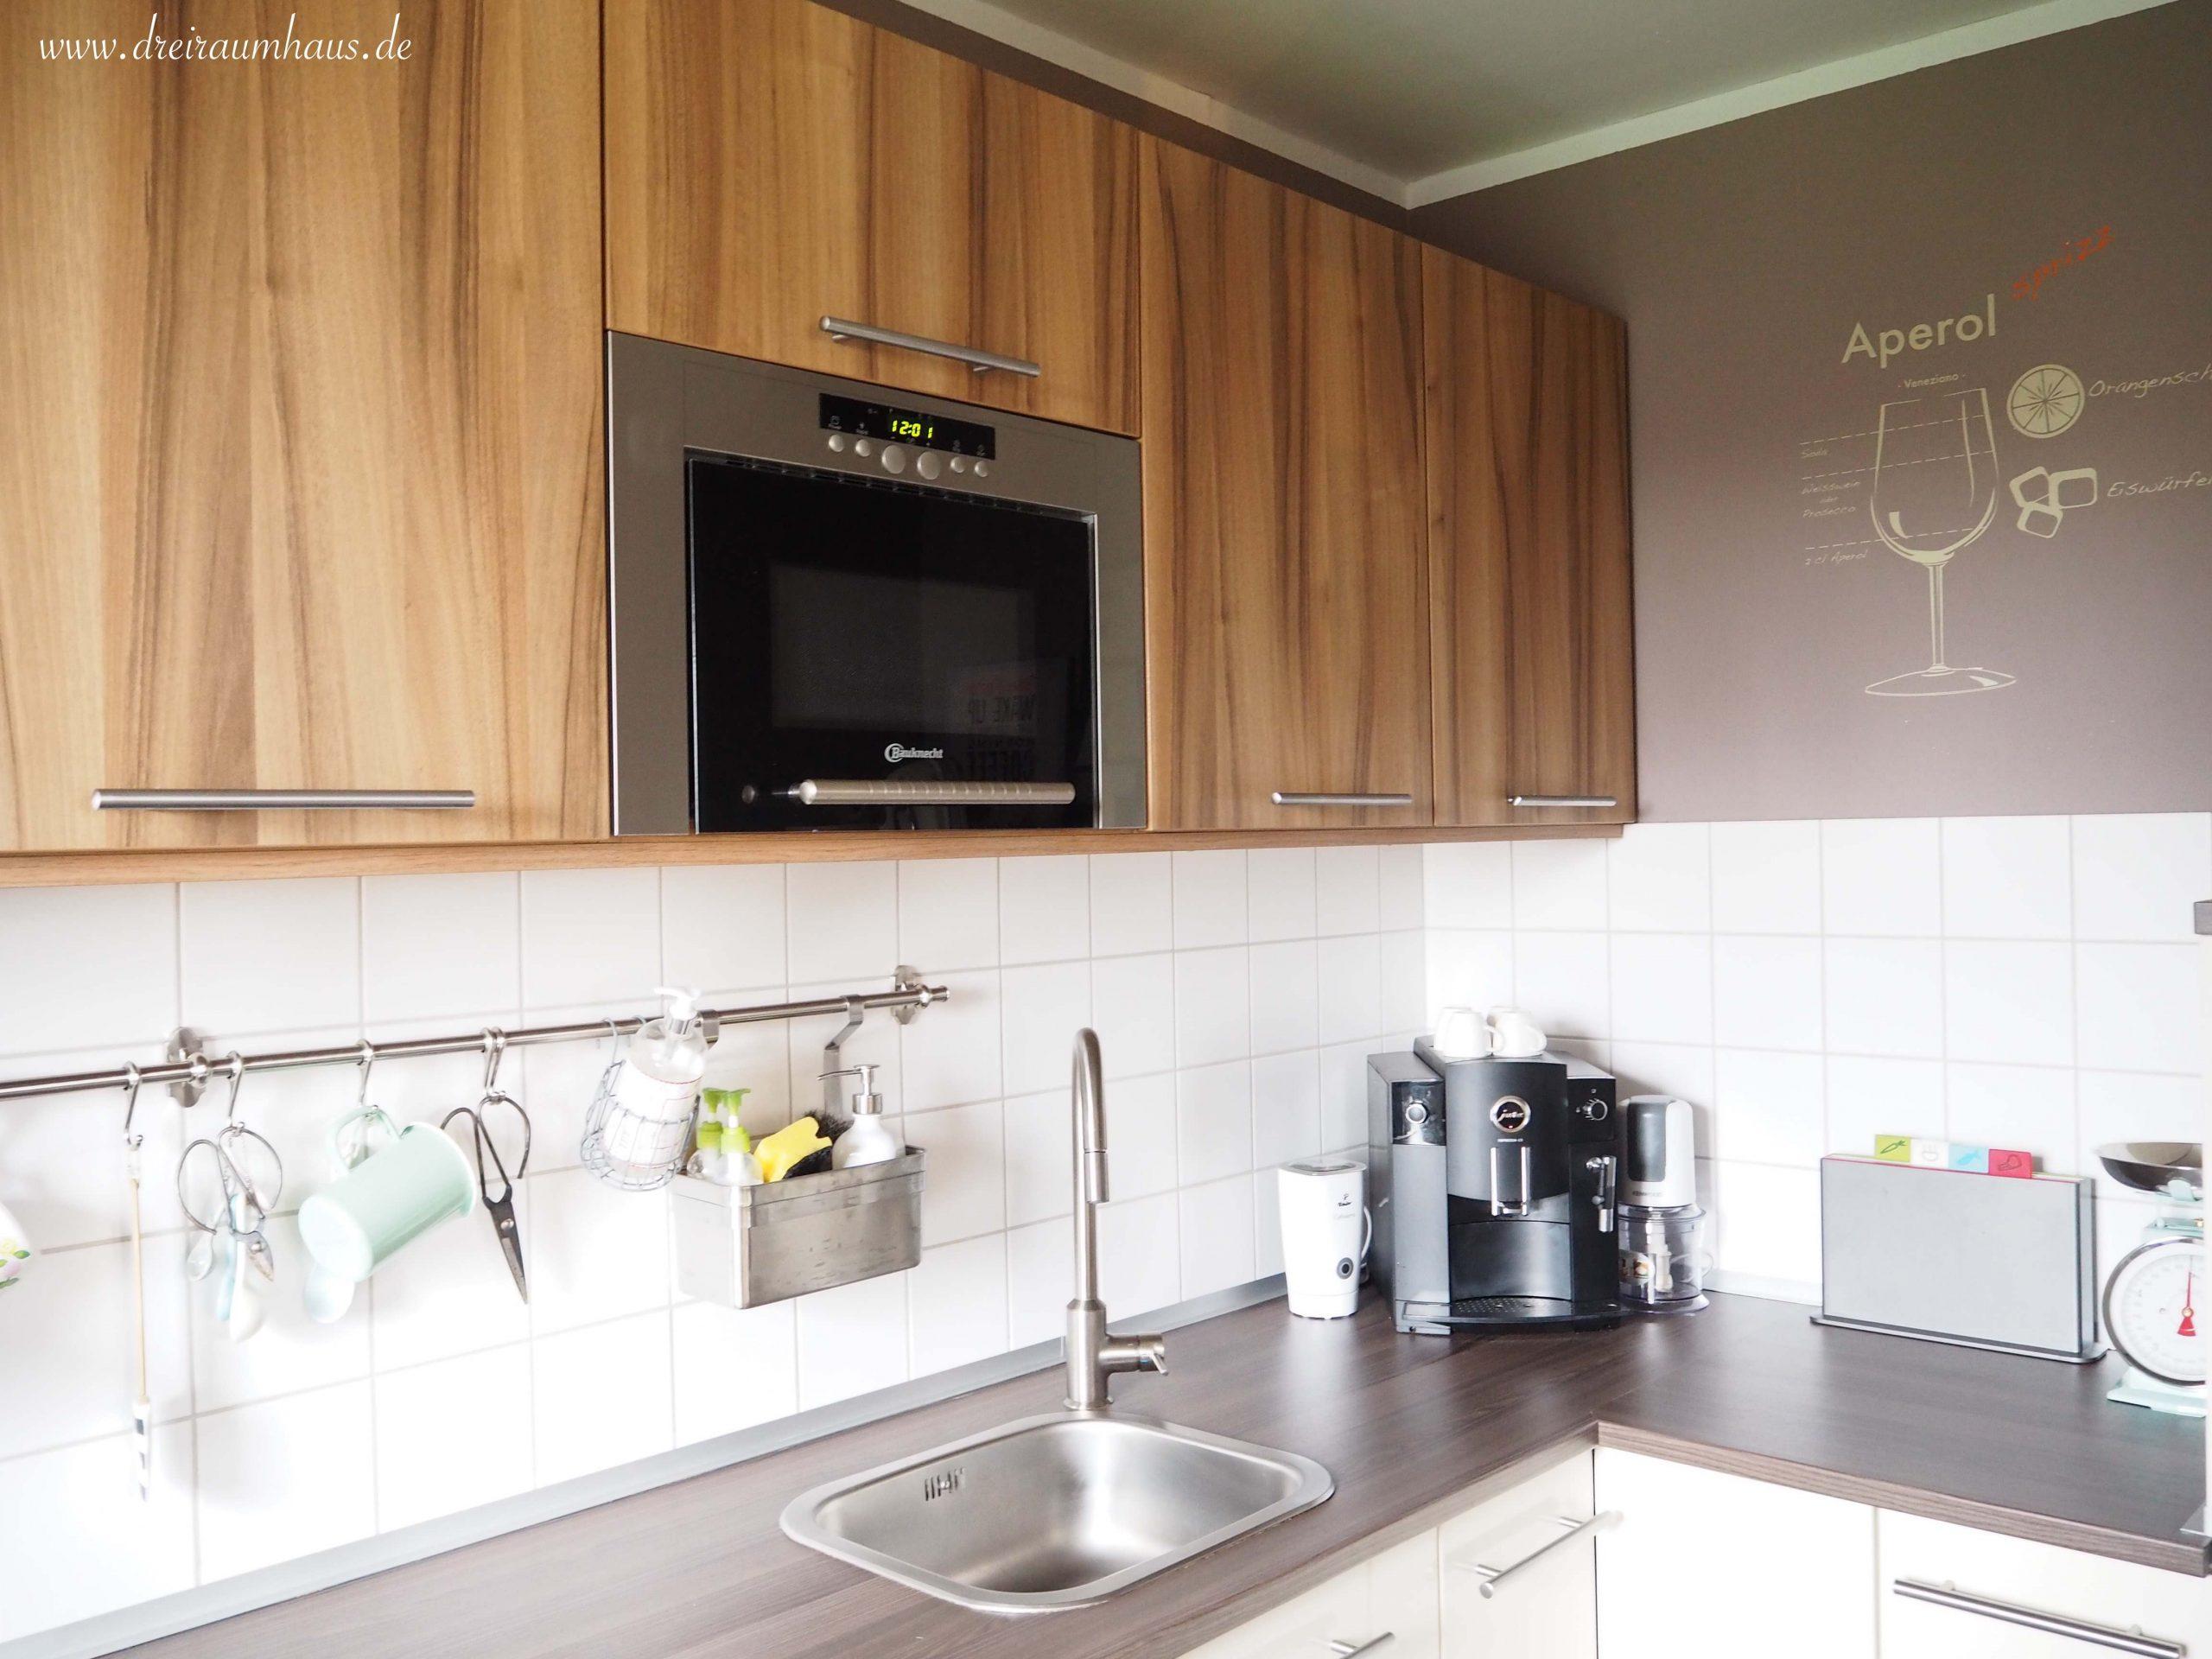 Full Size of Küchenrückwand Ikea Metodeine Neue Kche In 7 Tagen Sofa Mit Schlaffunktion Küche Kaufen Kosten Miniküche Betten Bei 160x200 Modulküche Wohnzimmer Küchenrückwand Ikea